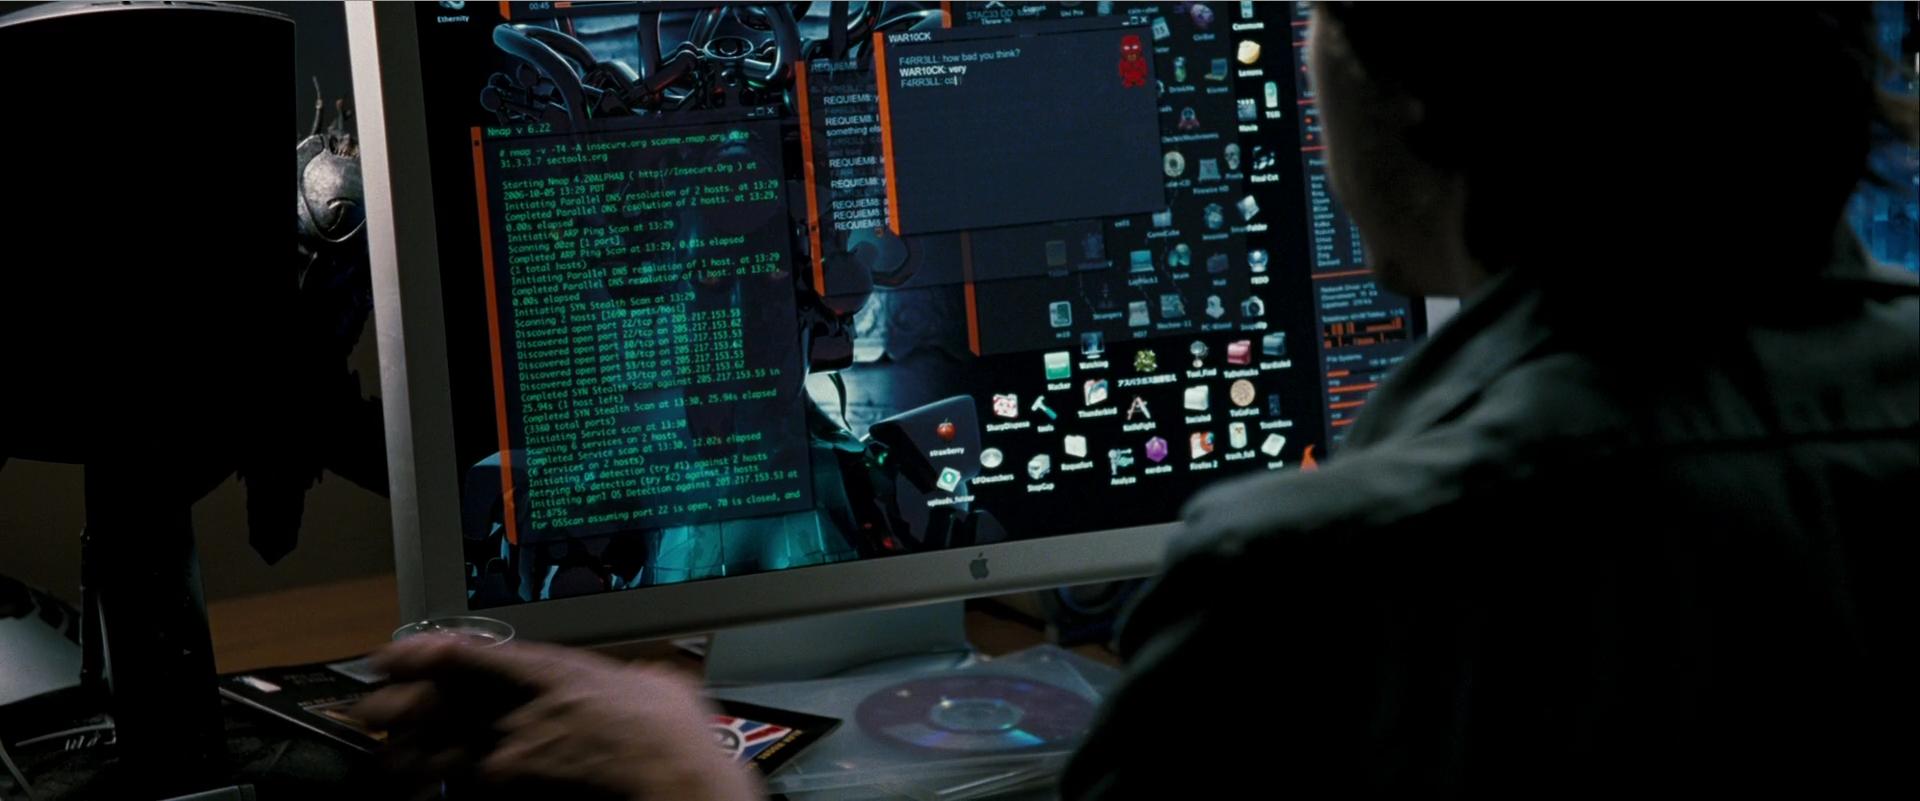 Сканер nmap как главный инструмент кино-хакеров - 15